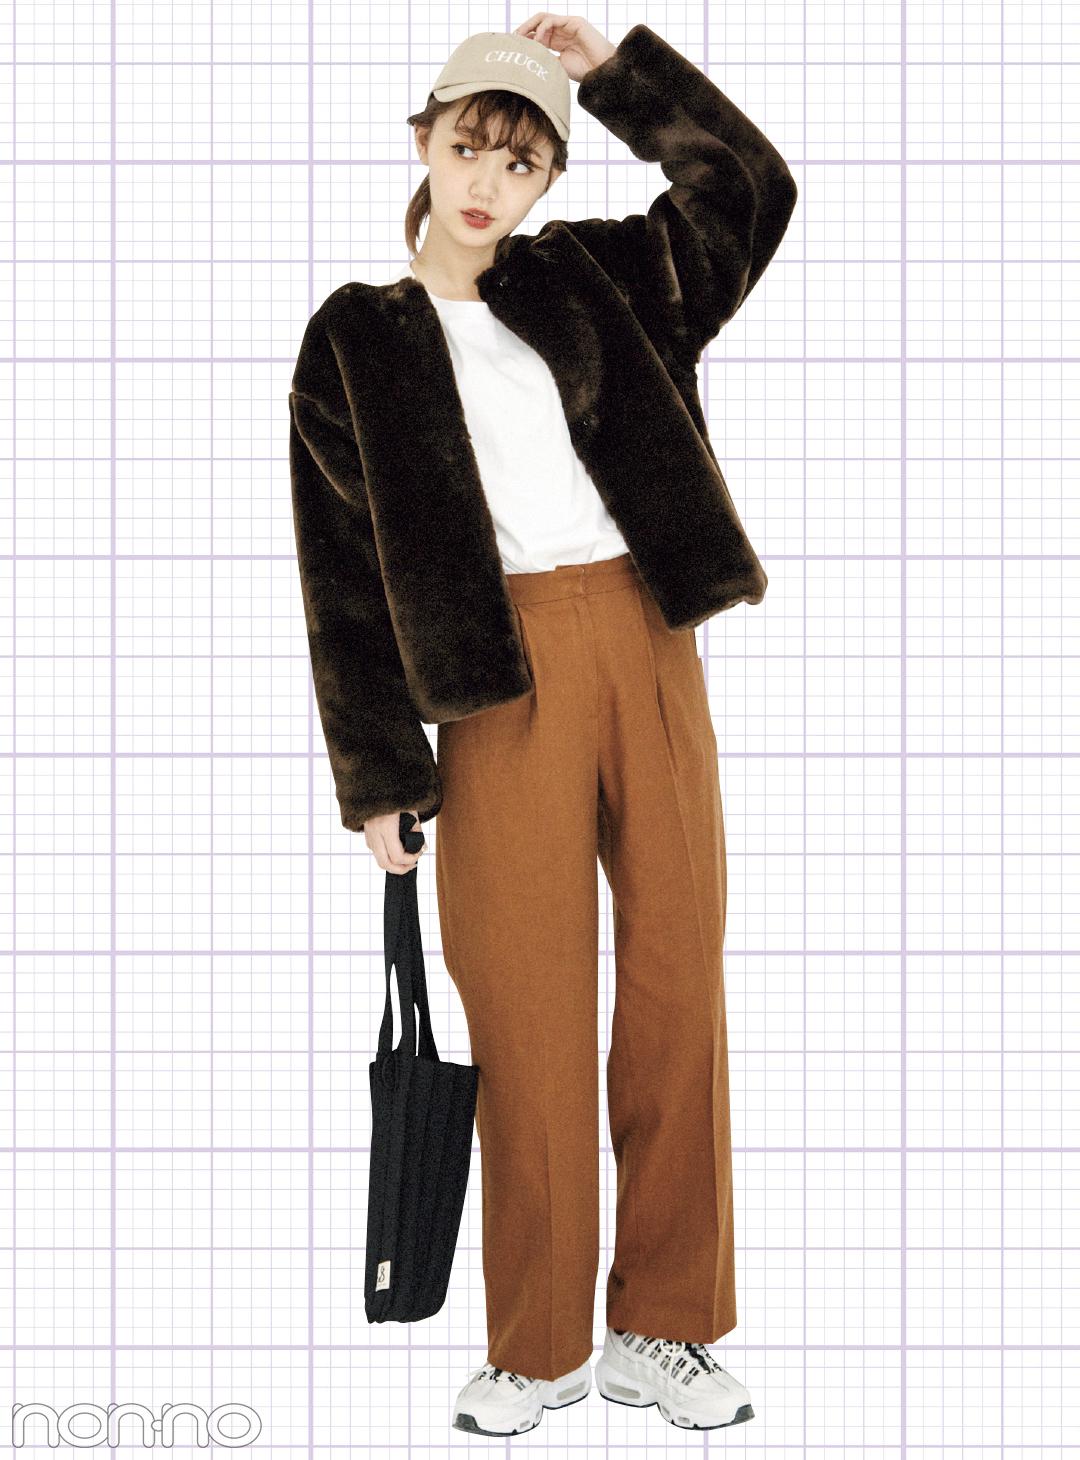 パンツ派韓国女子は8割スラックスって本当?【韓国トレンドこれくる2019】_1_2-1